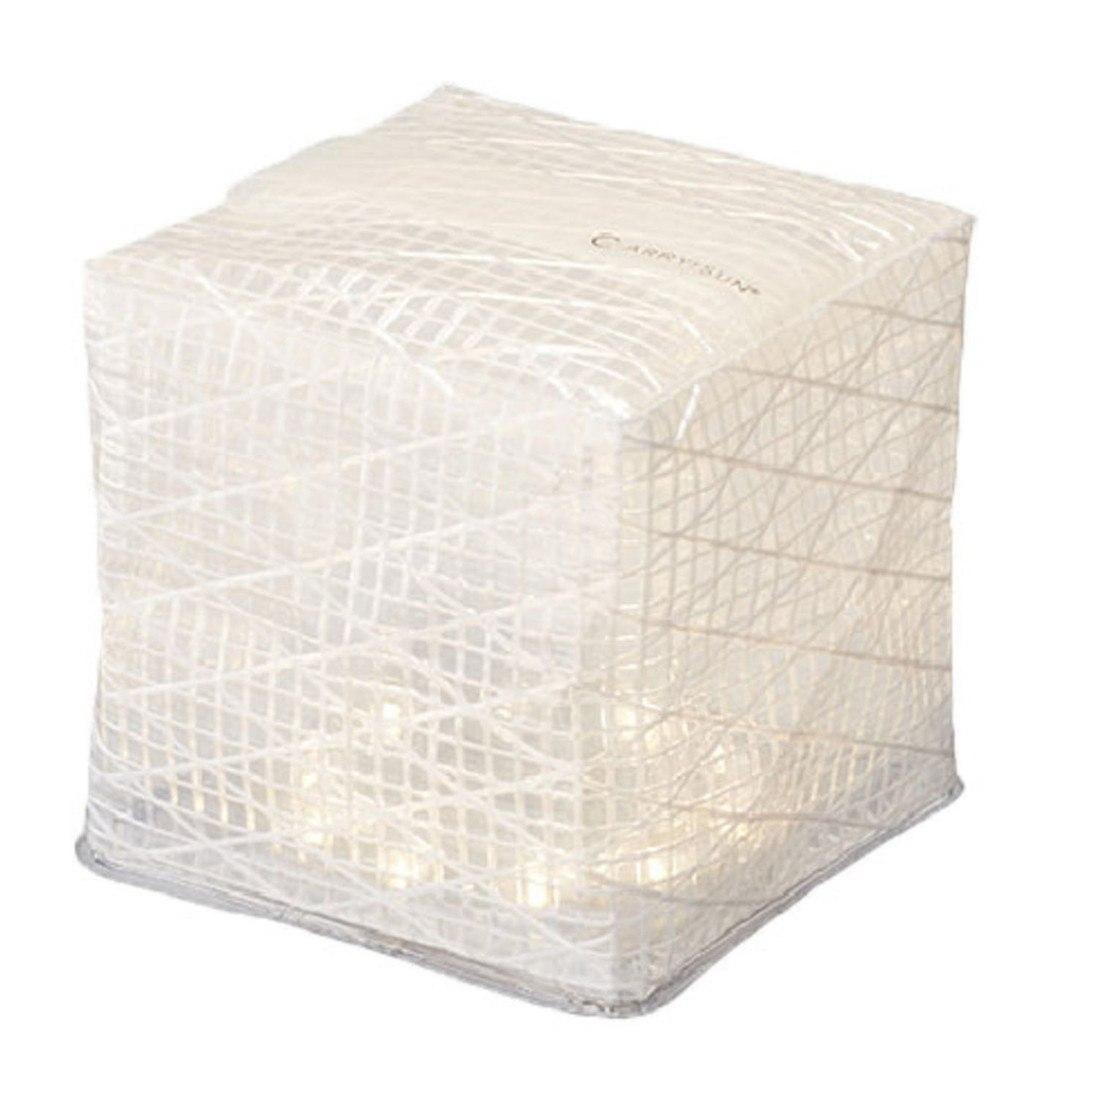 ランドポート キャリー・ザ・サン ウォームライト クールブライト MEDIUM キャリーザサン LED 軽量 折り畳み ランタン ミディアム非常用 ソーラーライト   国内正規品